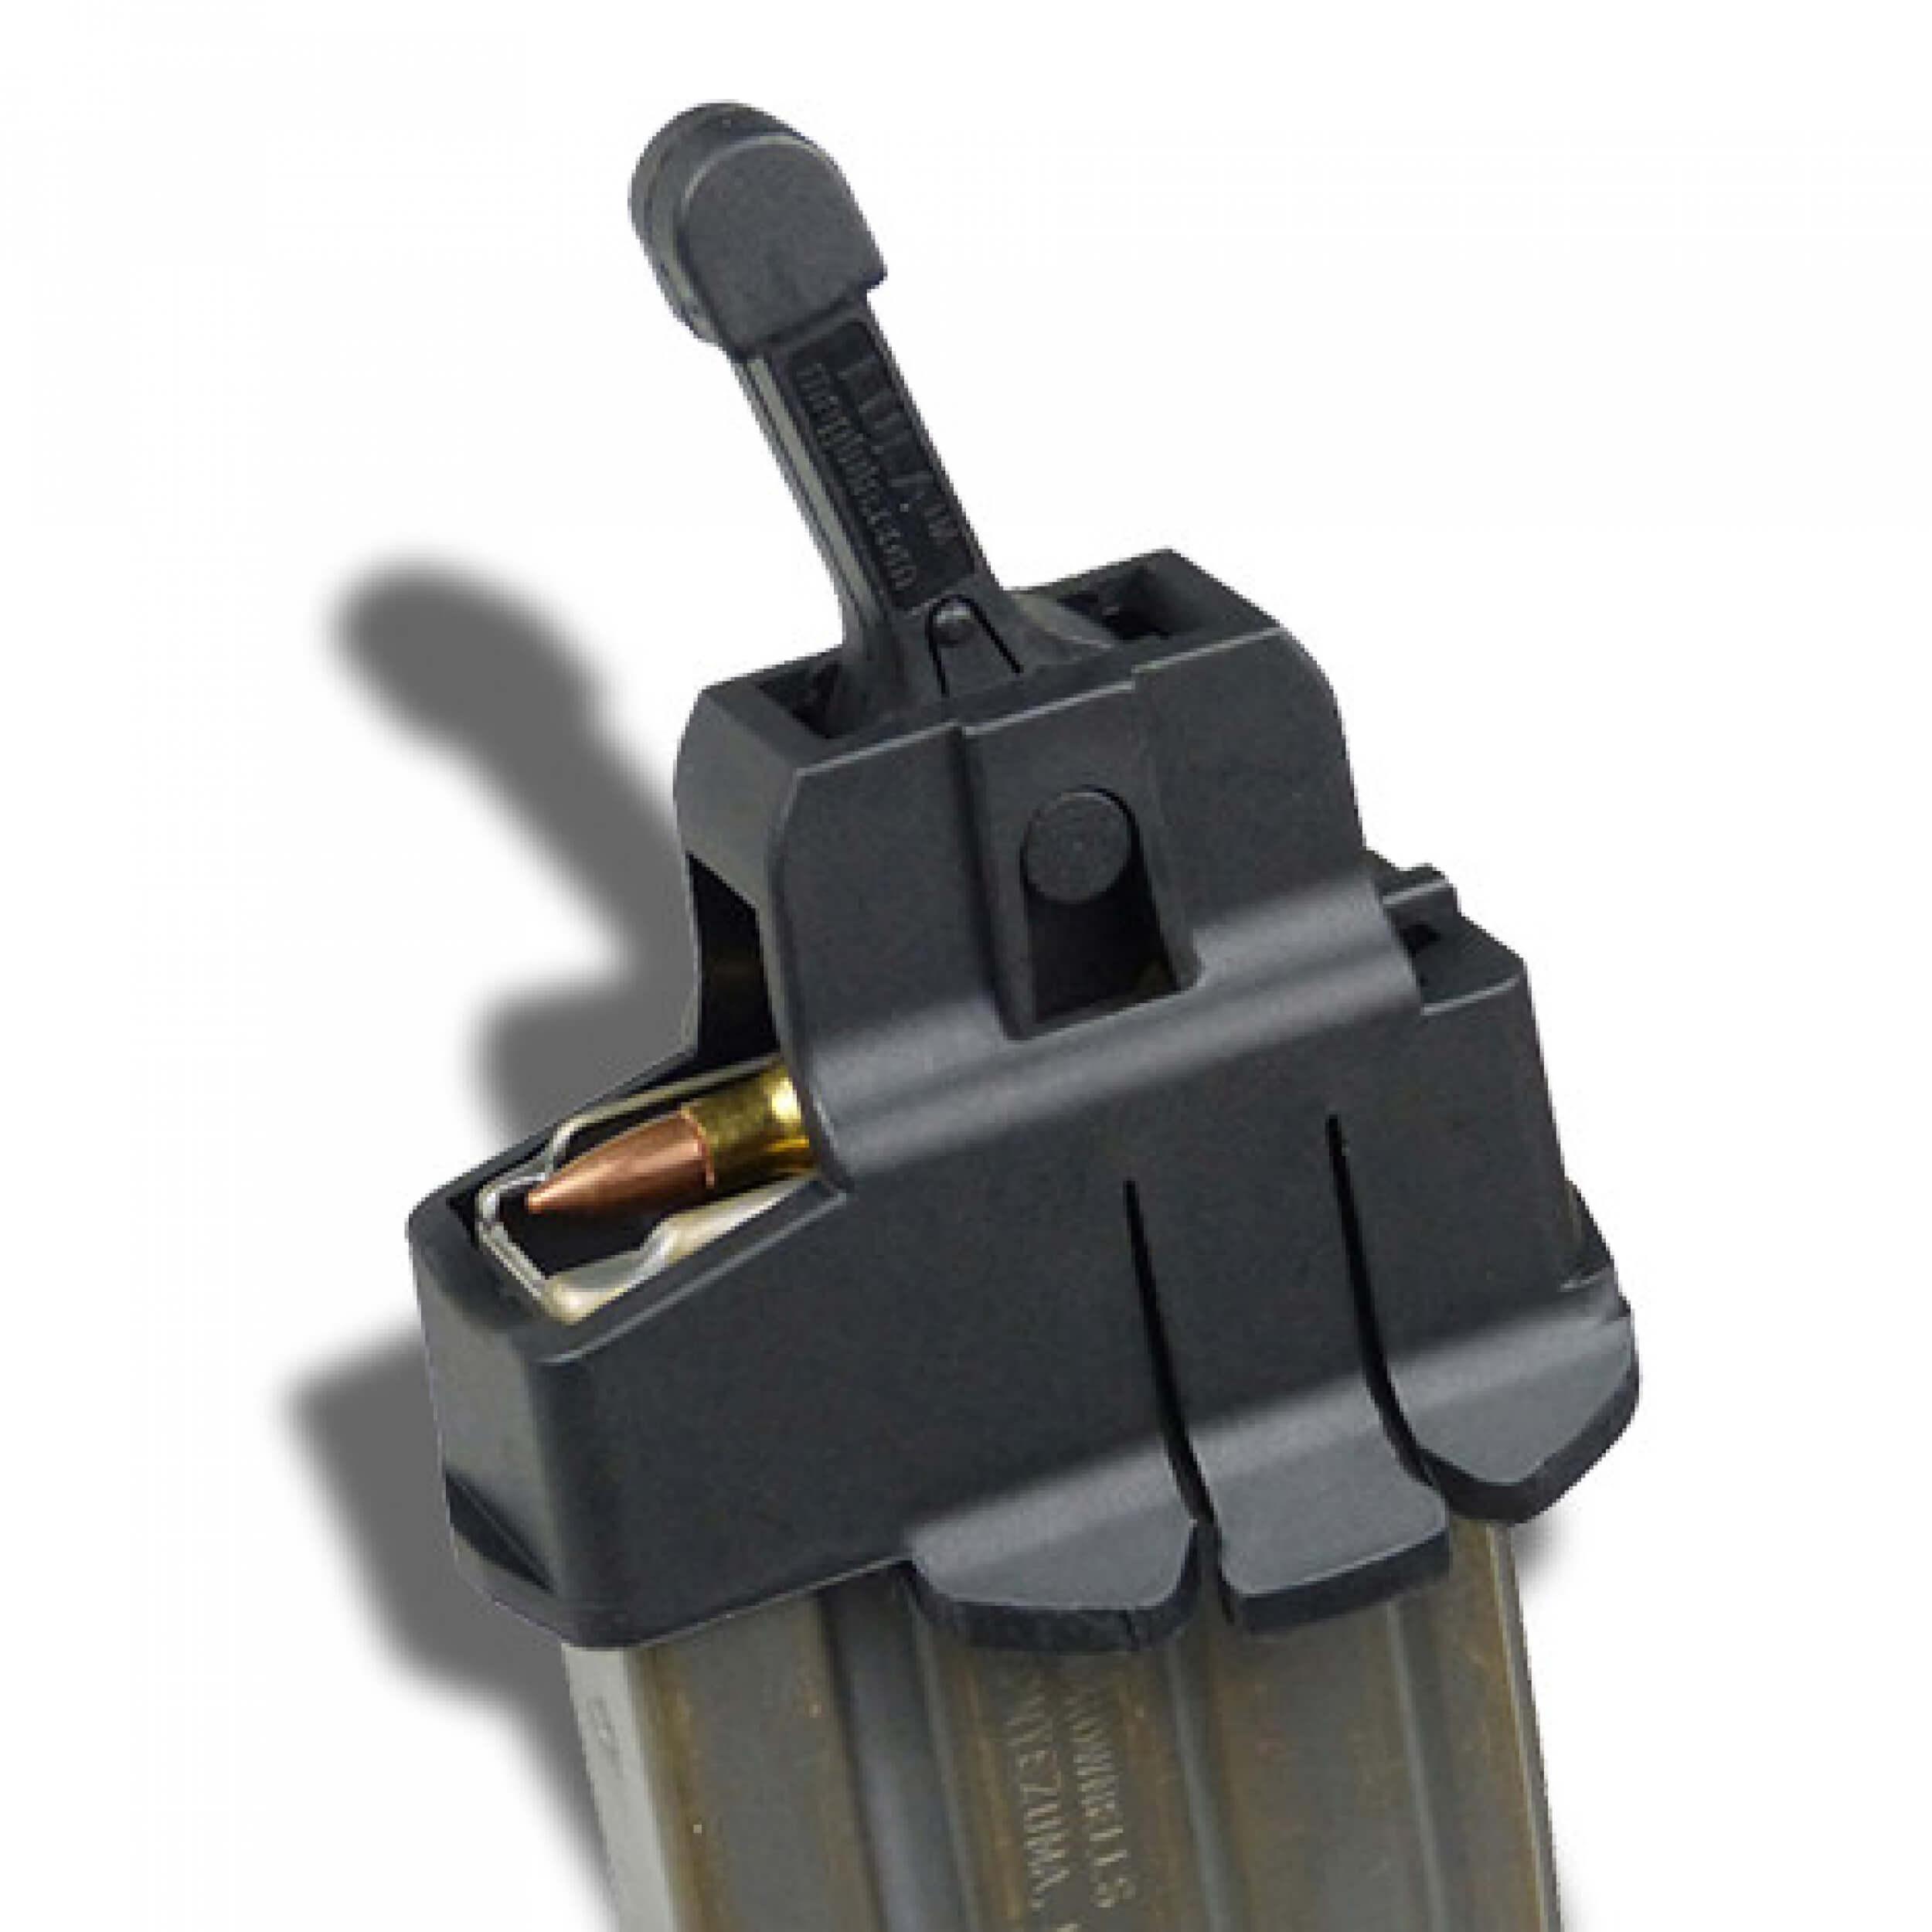 AR15 / M4 LULA®- 5.56 / .223 loader / unloader - LU10B